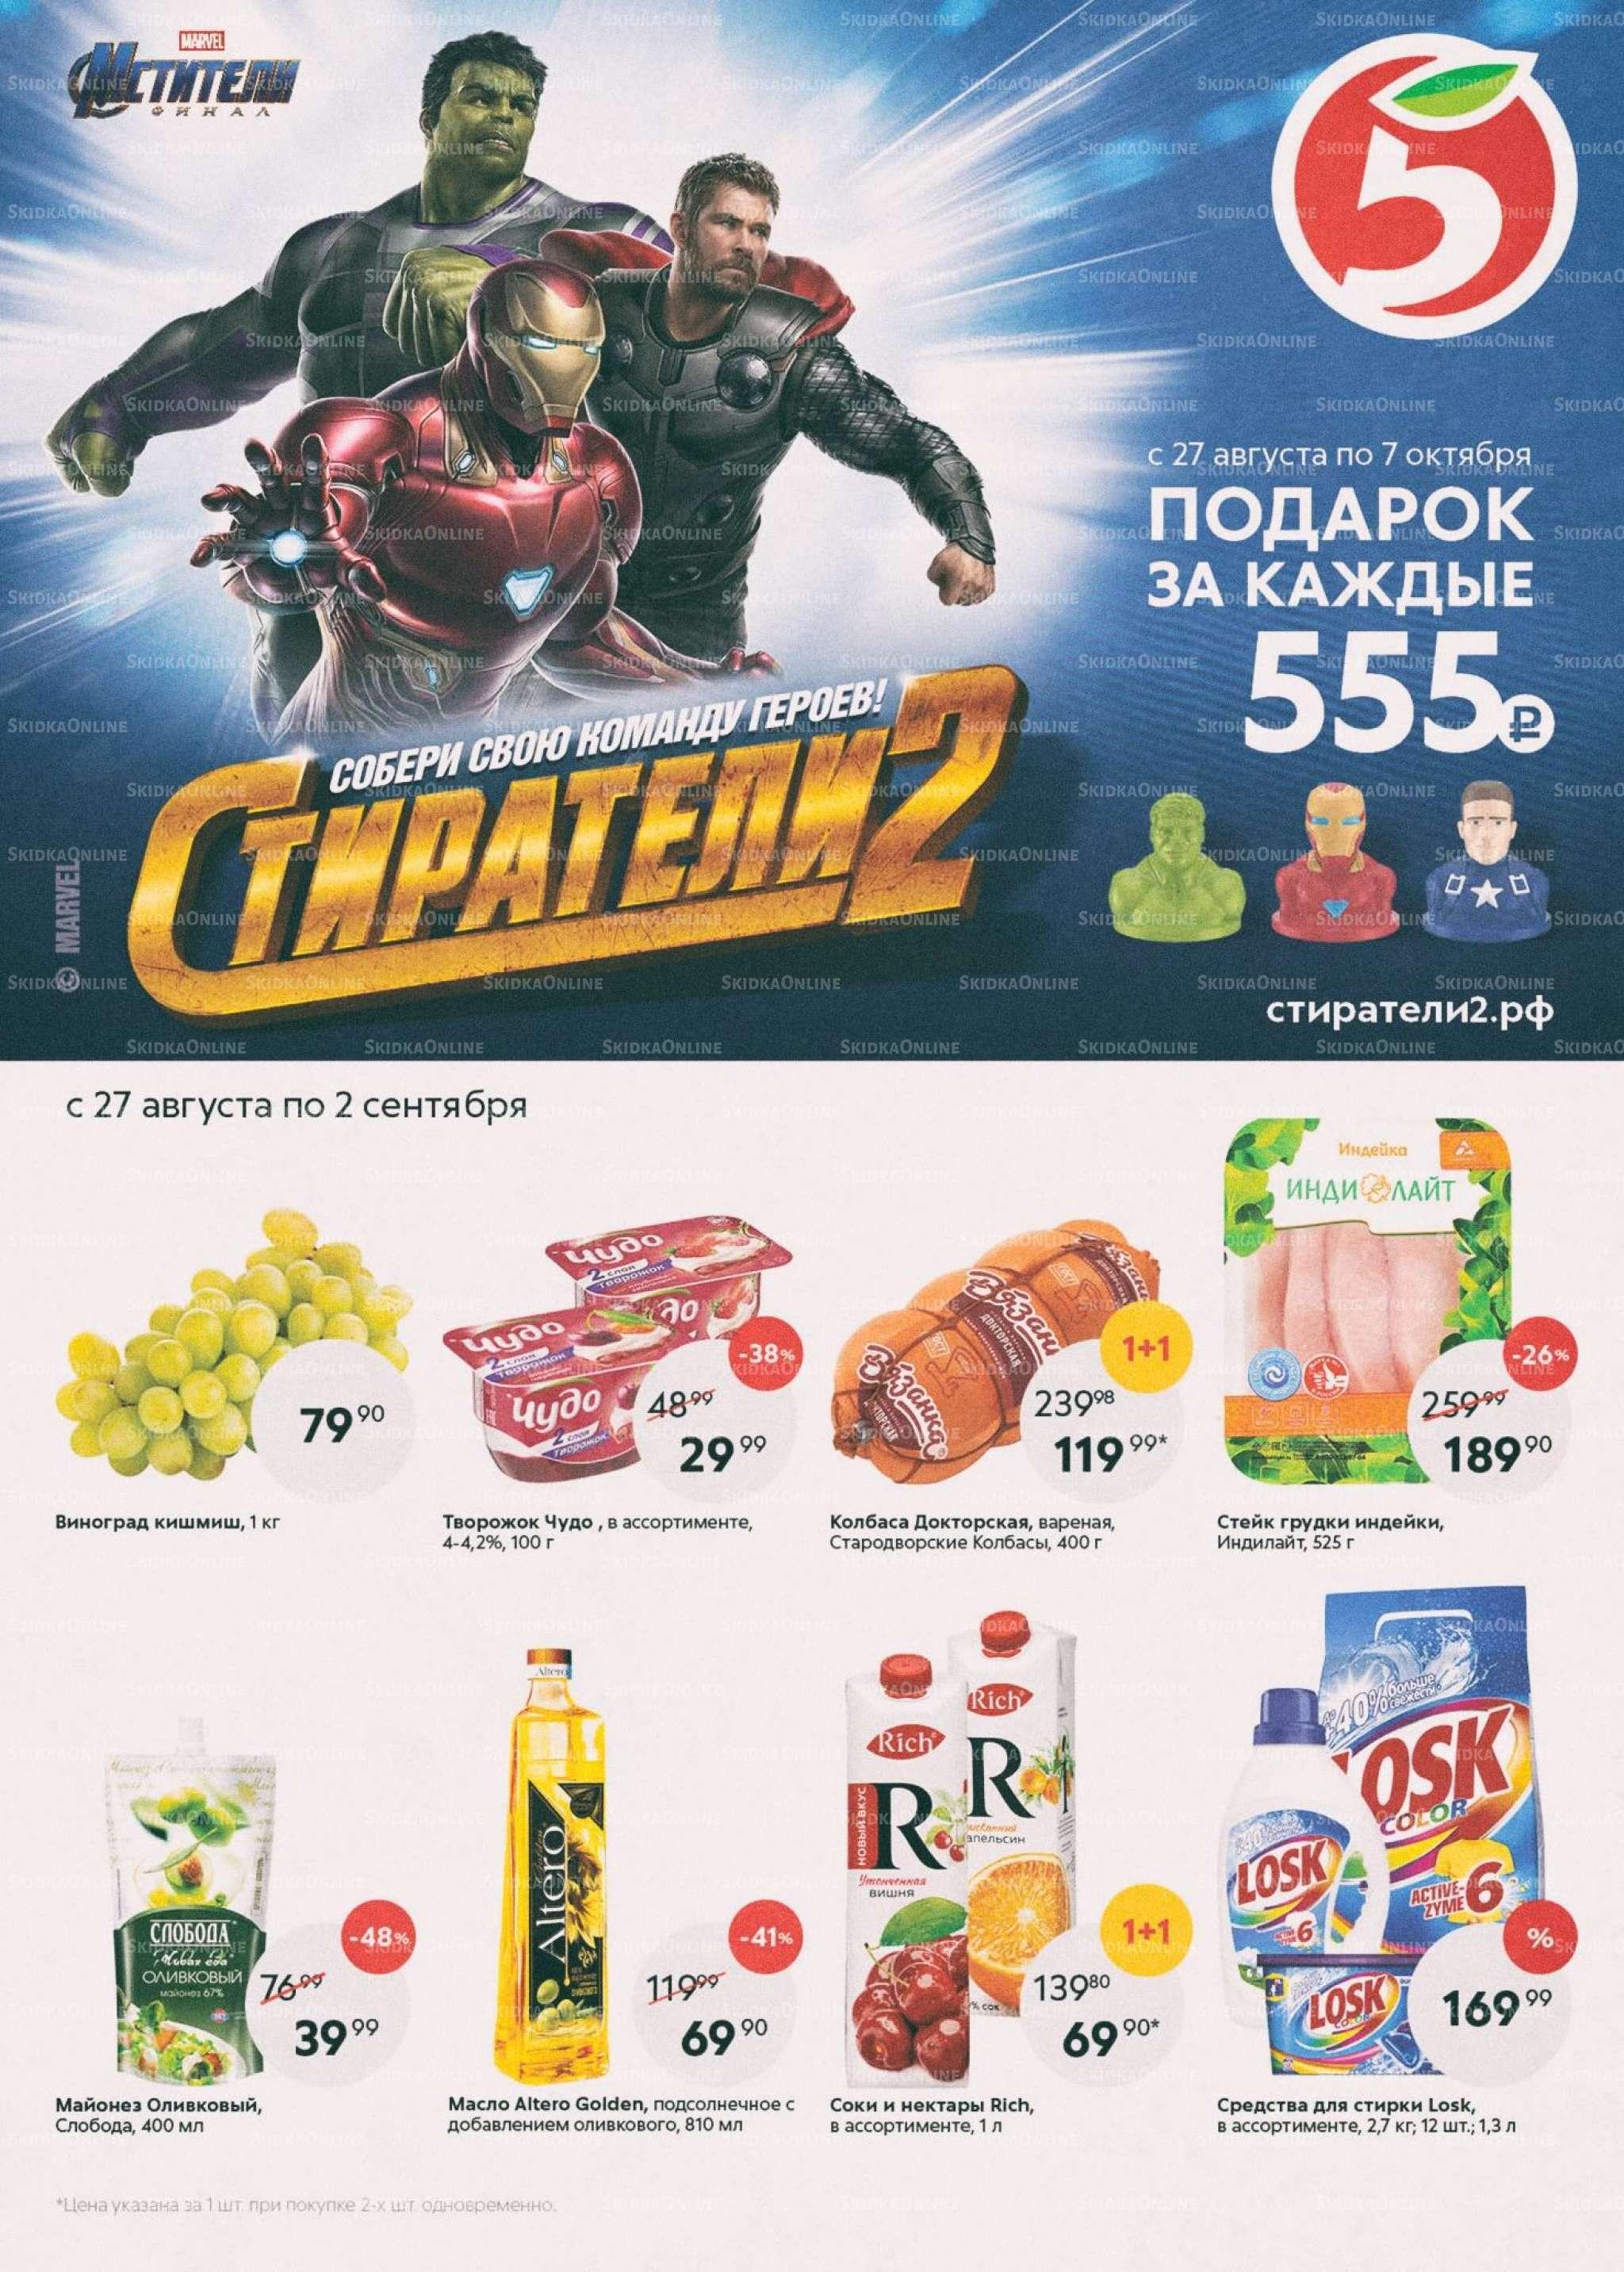 Акции в Пятёрочке с 27 августа по 2 сентября 2019 года